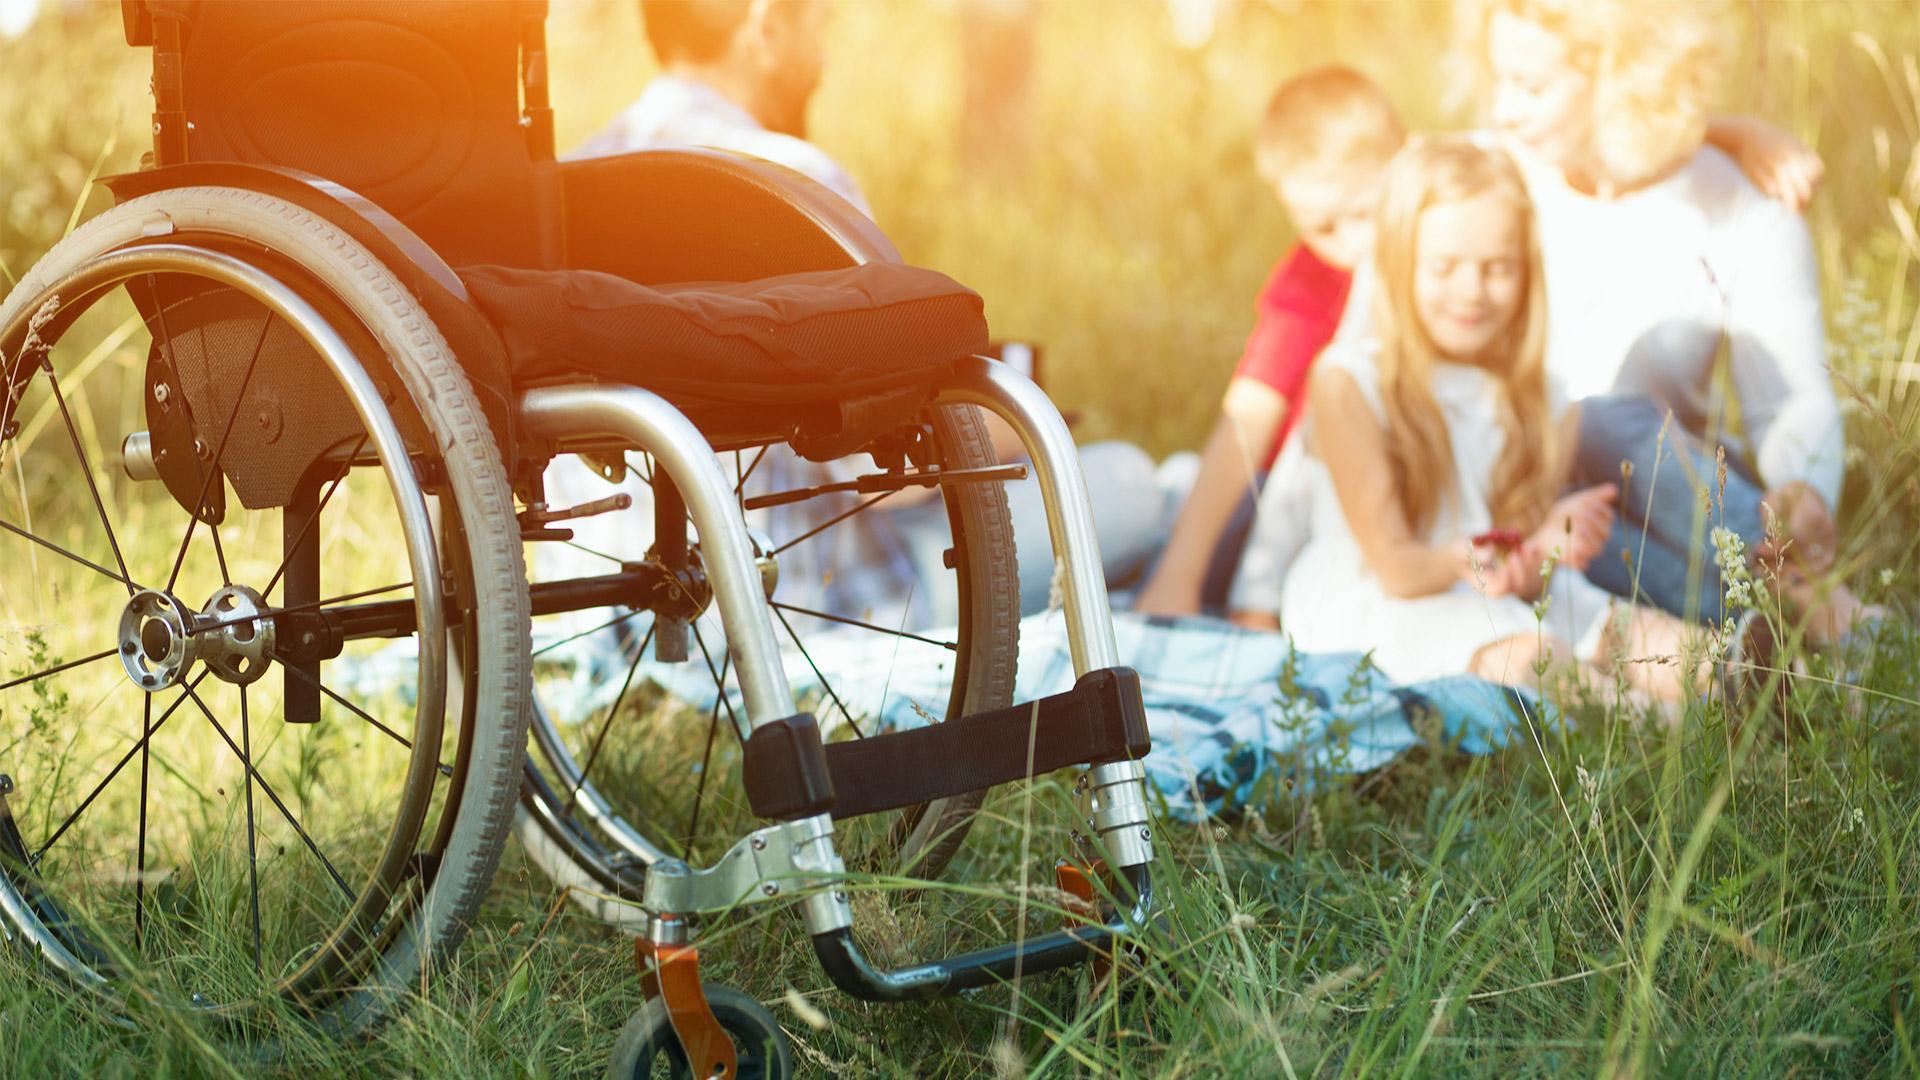 Люди с редкими болезнями. Жизнь как преодоление